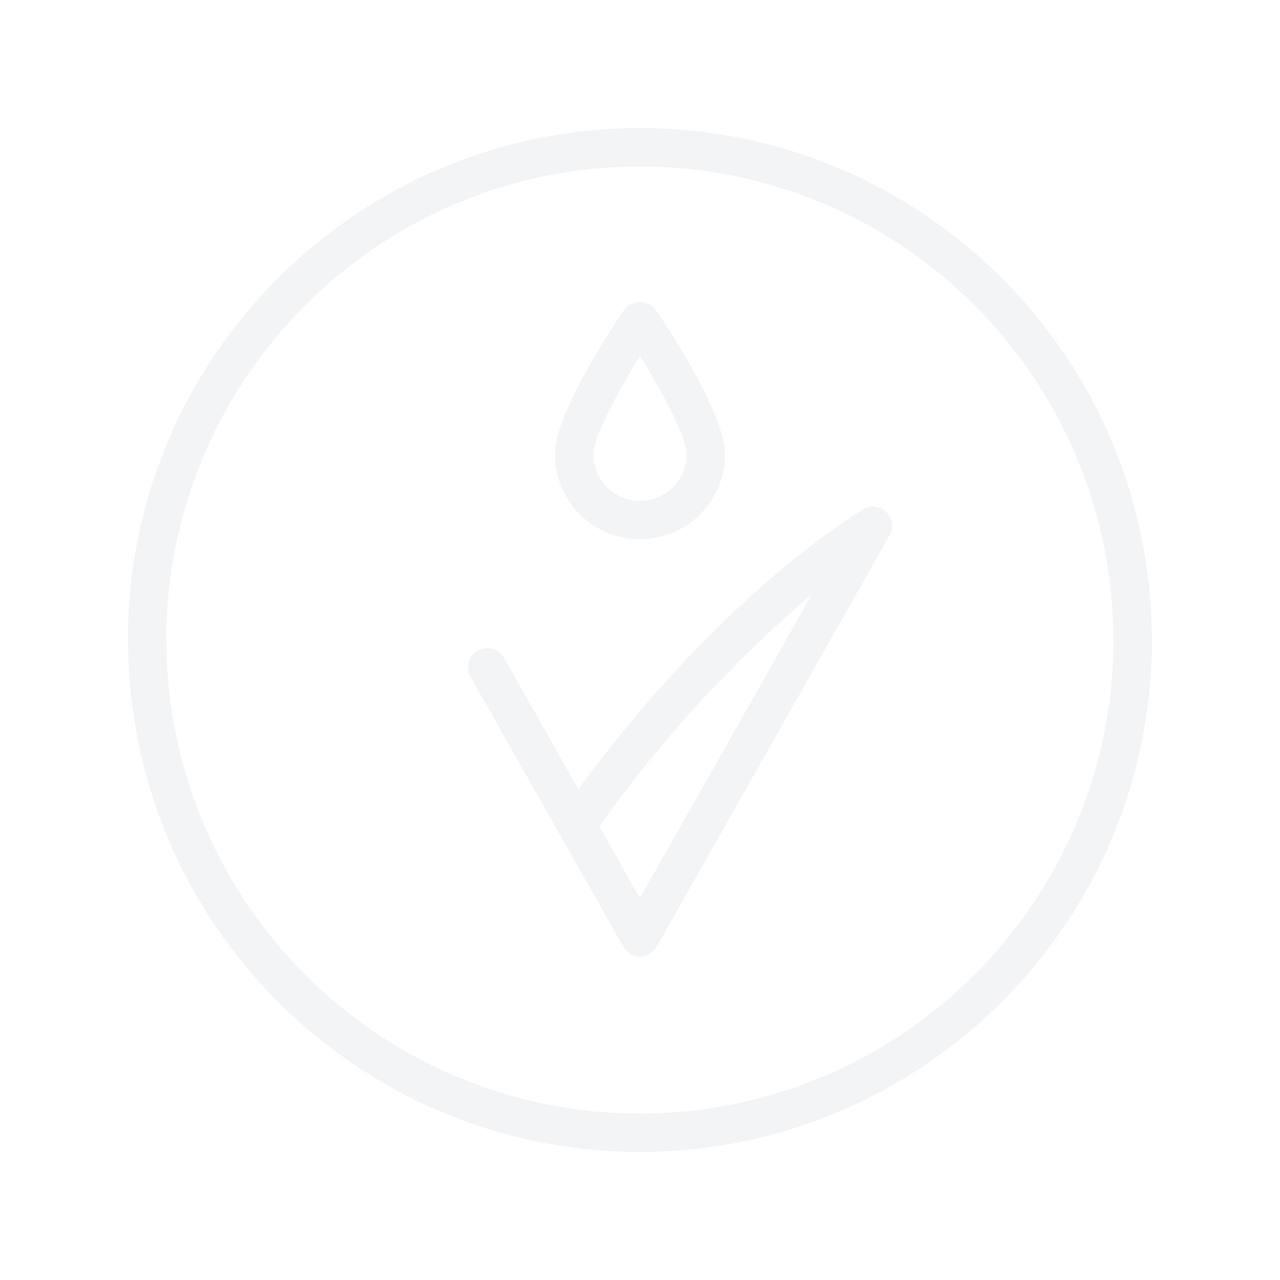 DIOR Hydra Life Fresh Hydration Sorbet Cream увлажняющий крем 50ml